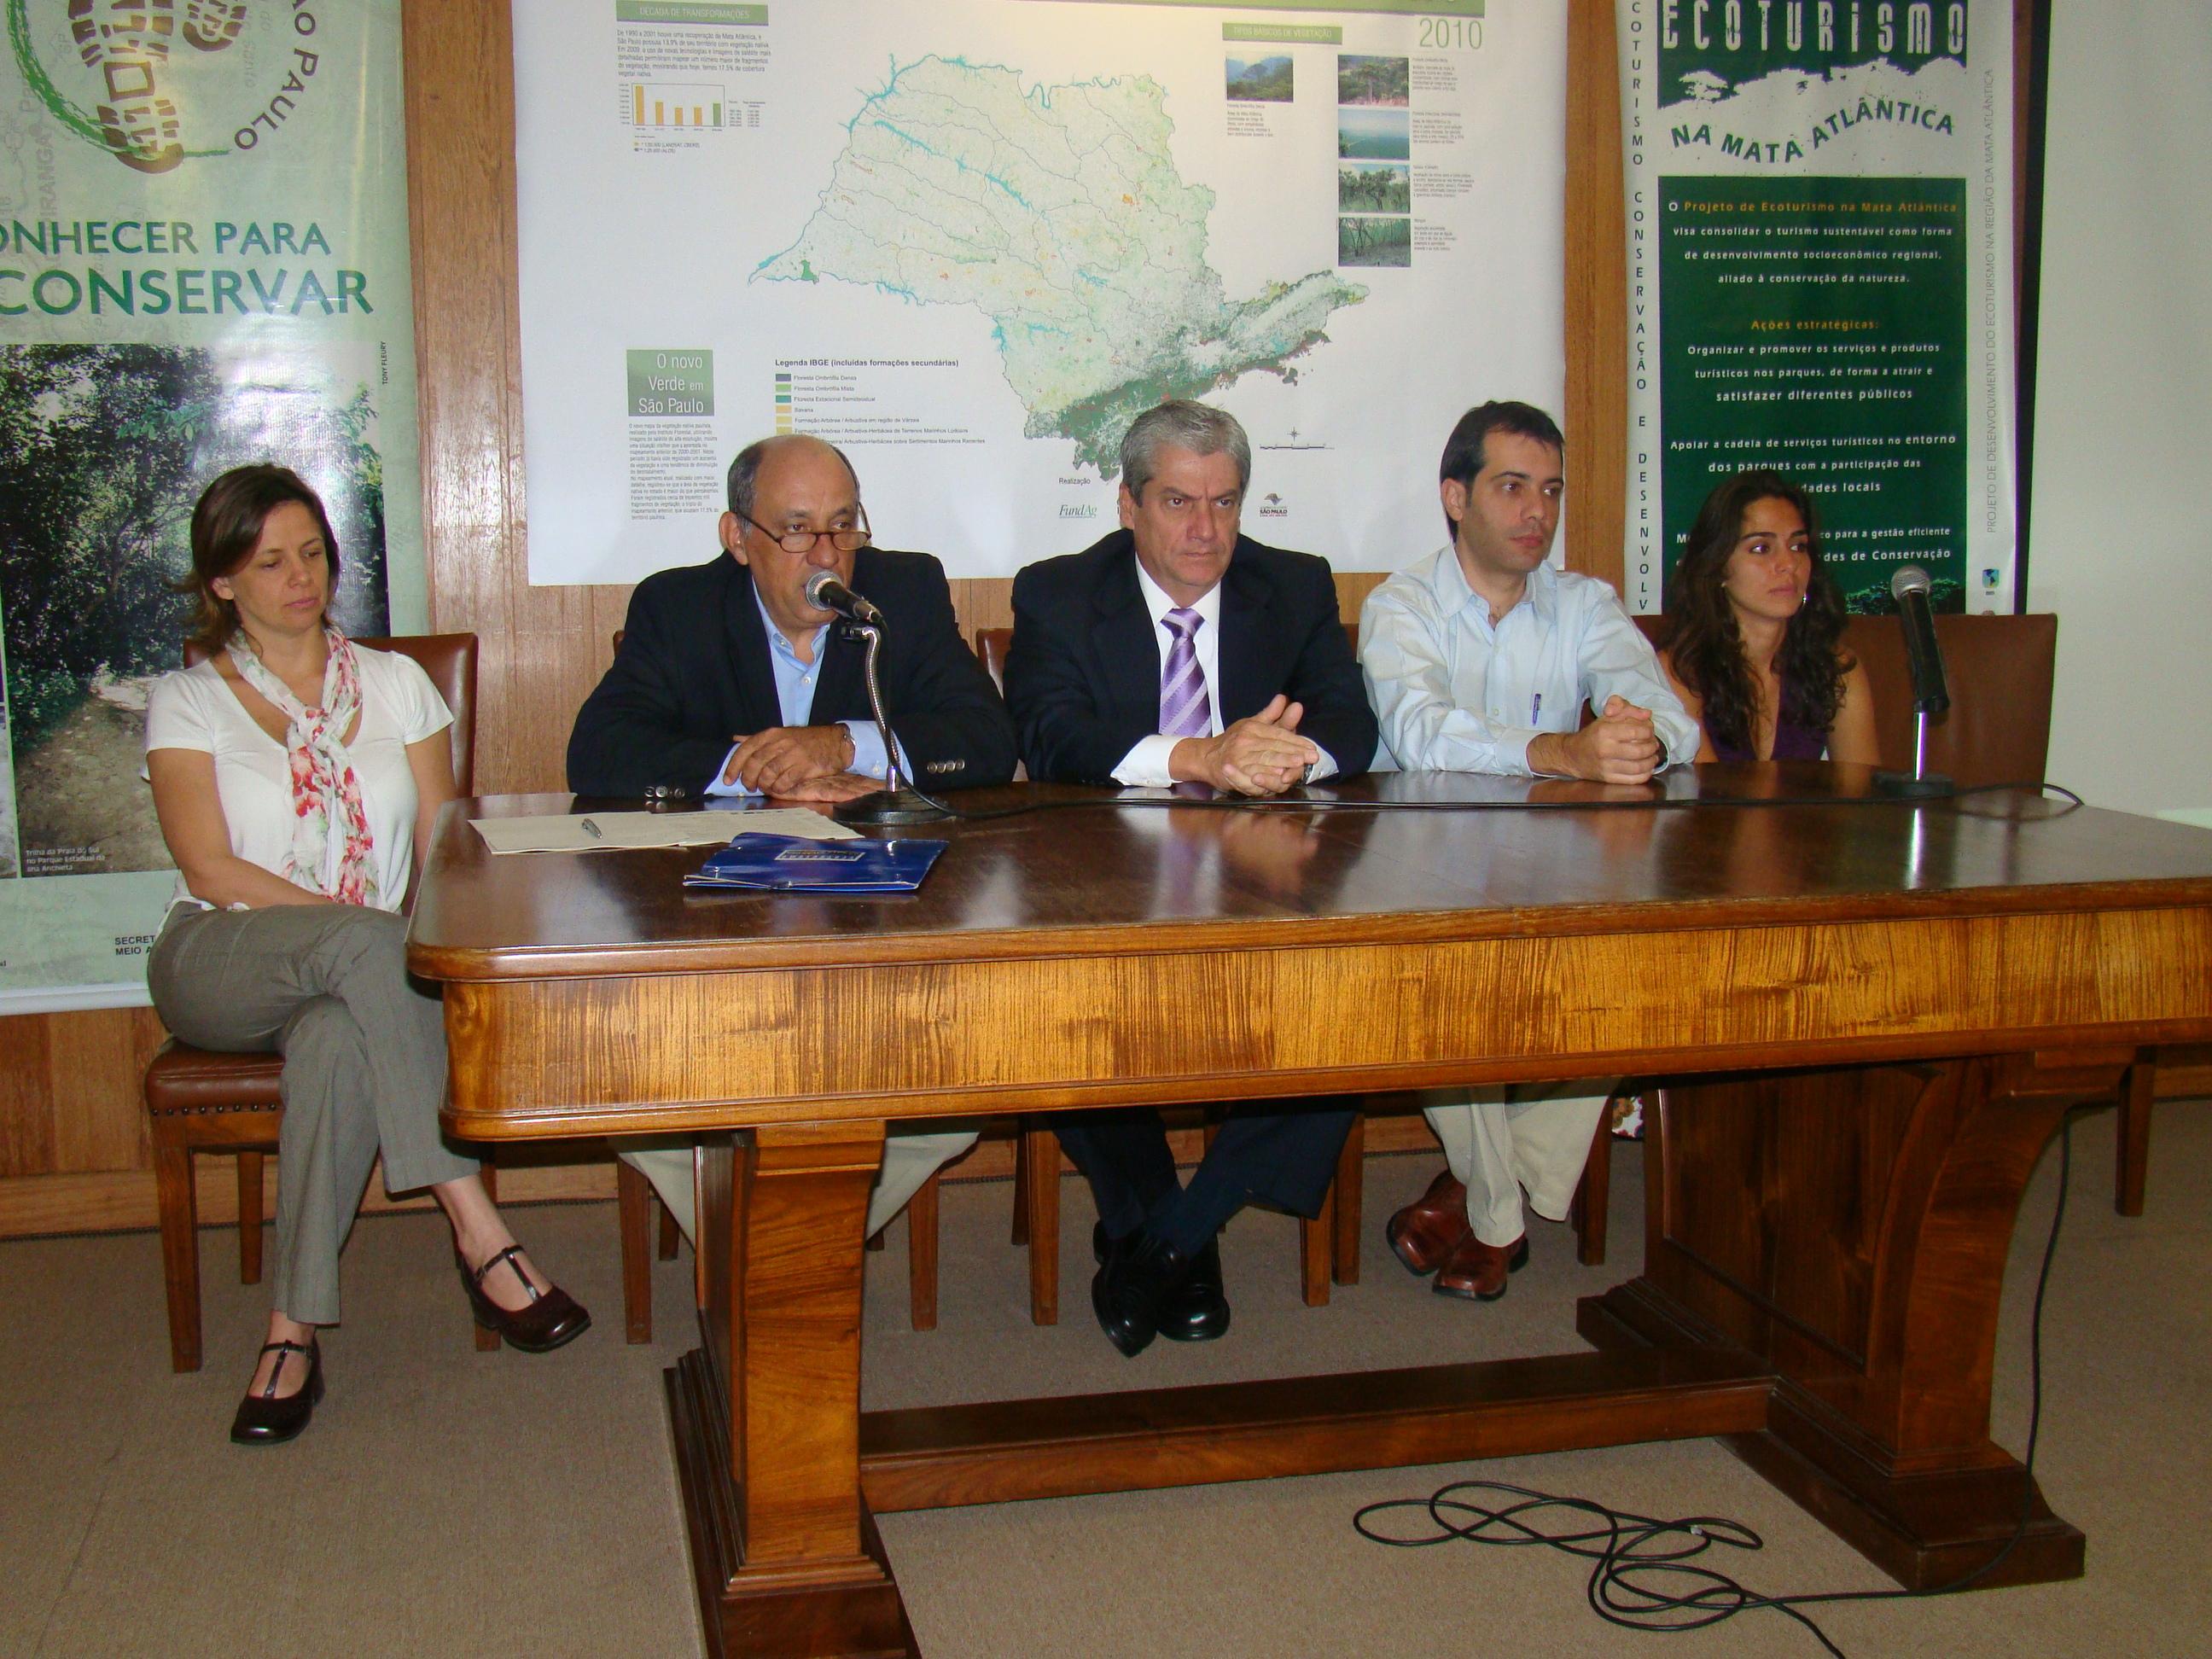 Concessão de serviços turísticos nas UCs é tema de seminário na Fundação Florestal